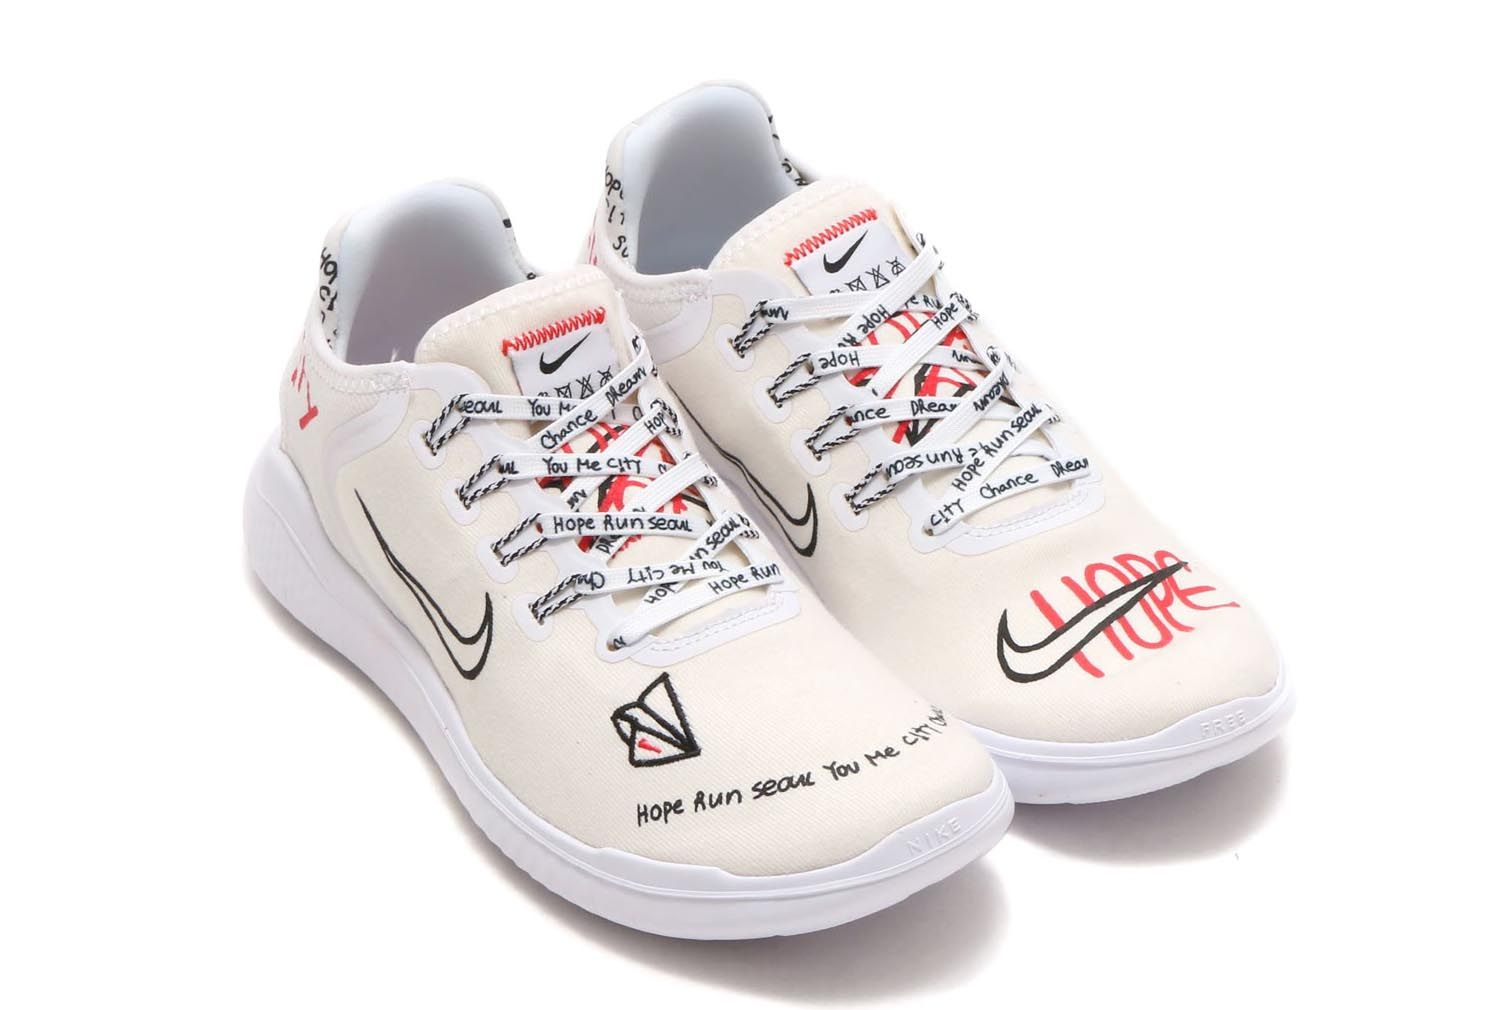 d4ed956e274 Korean Artist Novo Designs Nike Free RN Inspired By Seoul ...